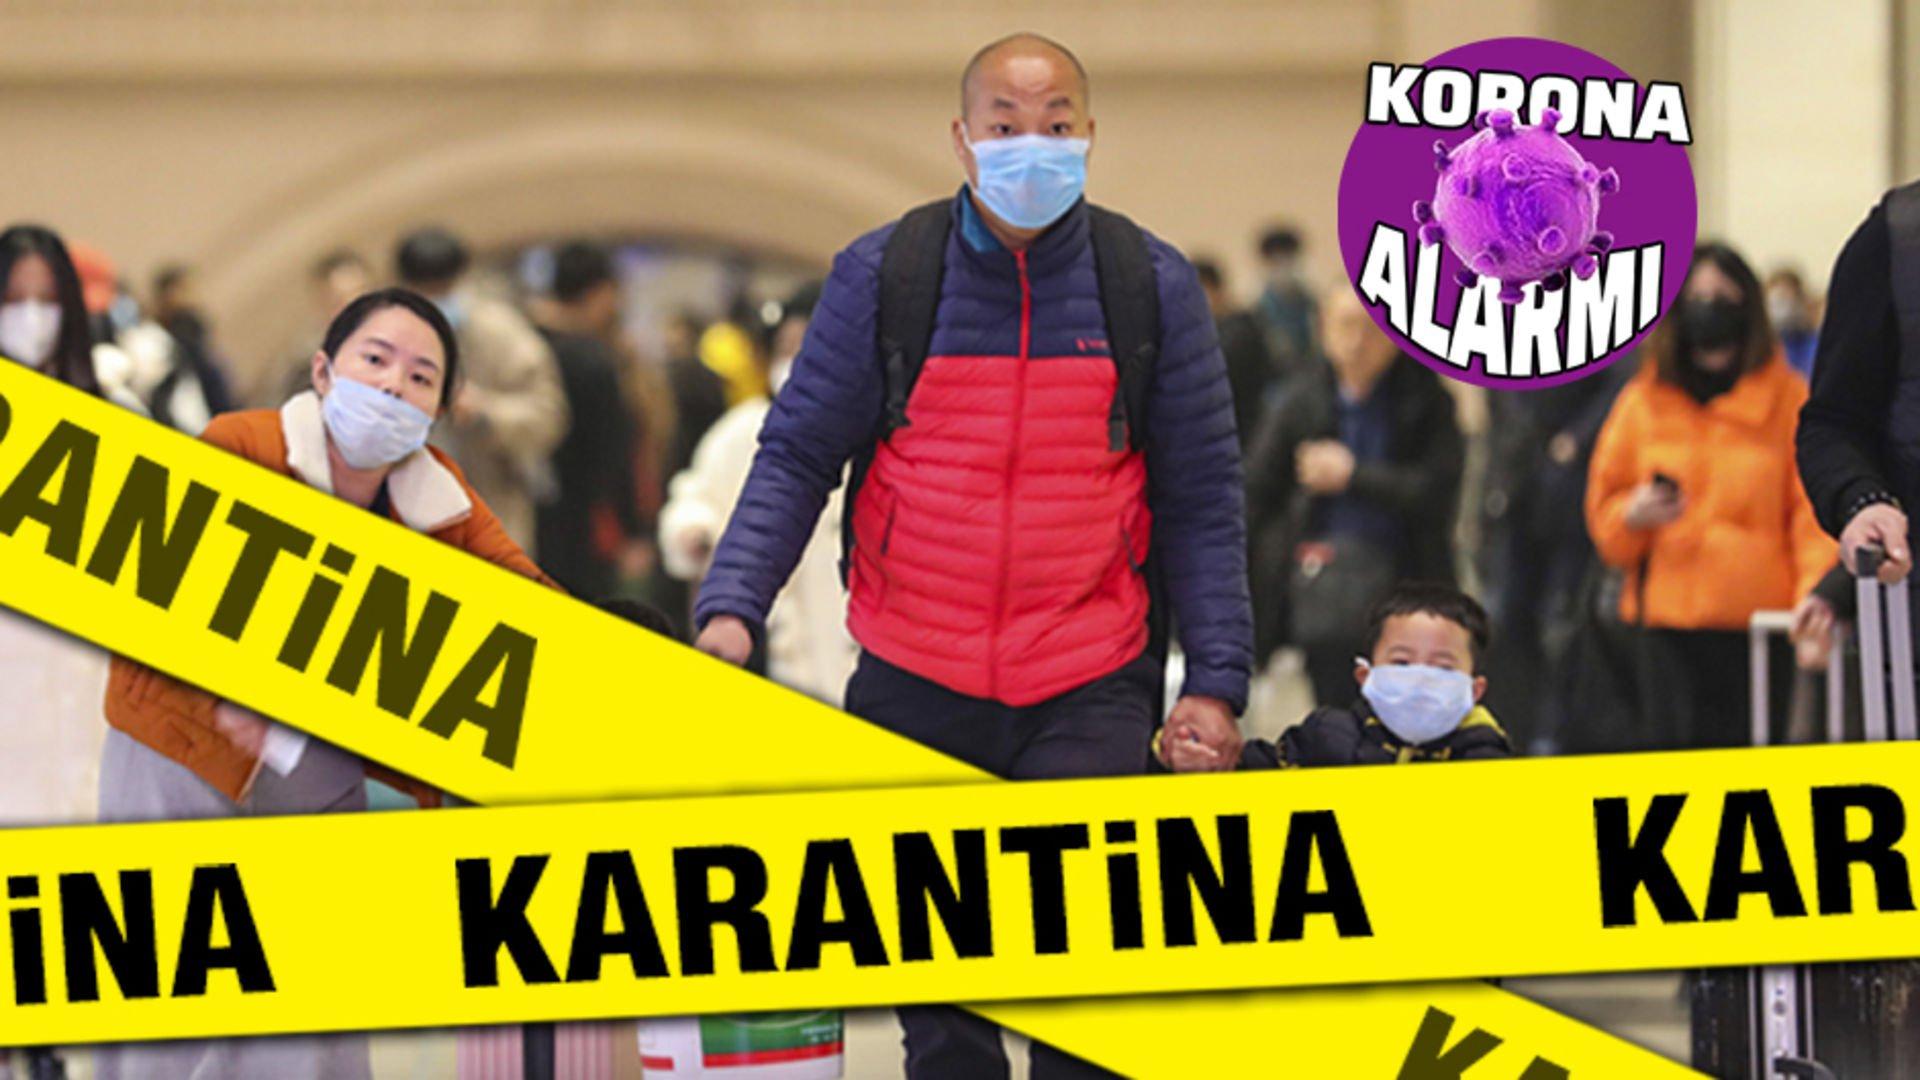 Binlerce kişi koronavirüs salgını nedeniyle Çin'den çıkmaya çalışıyor!